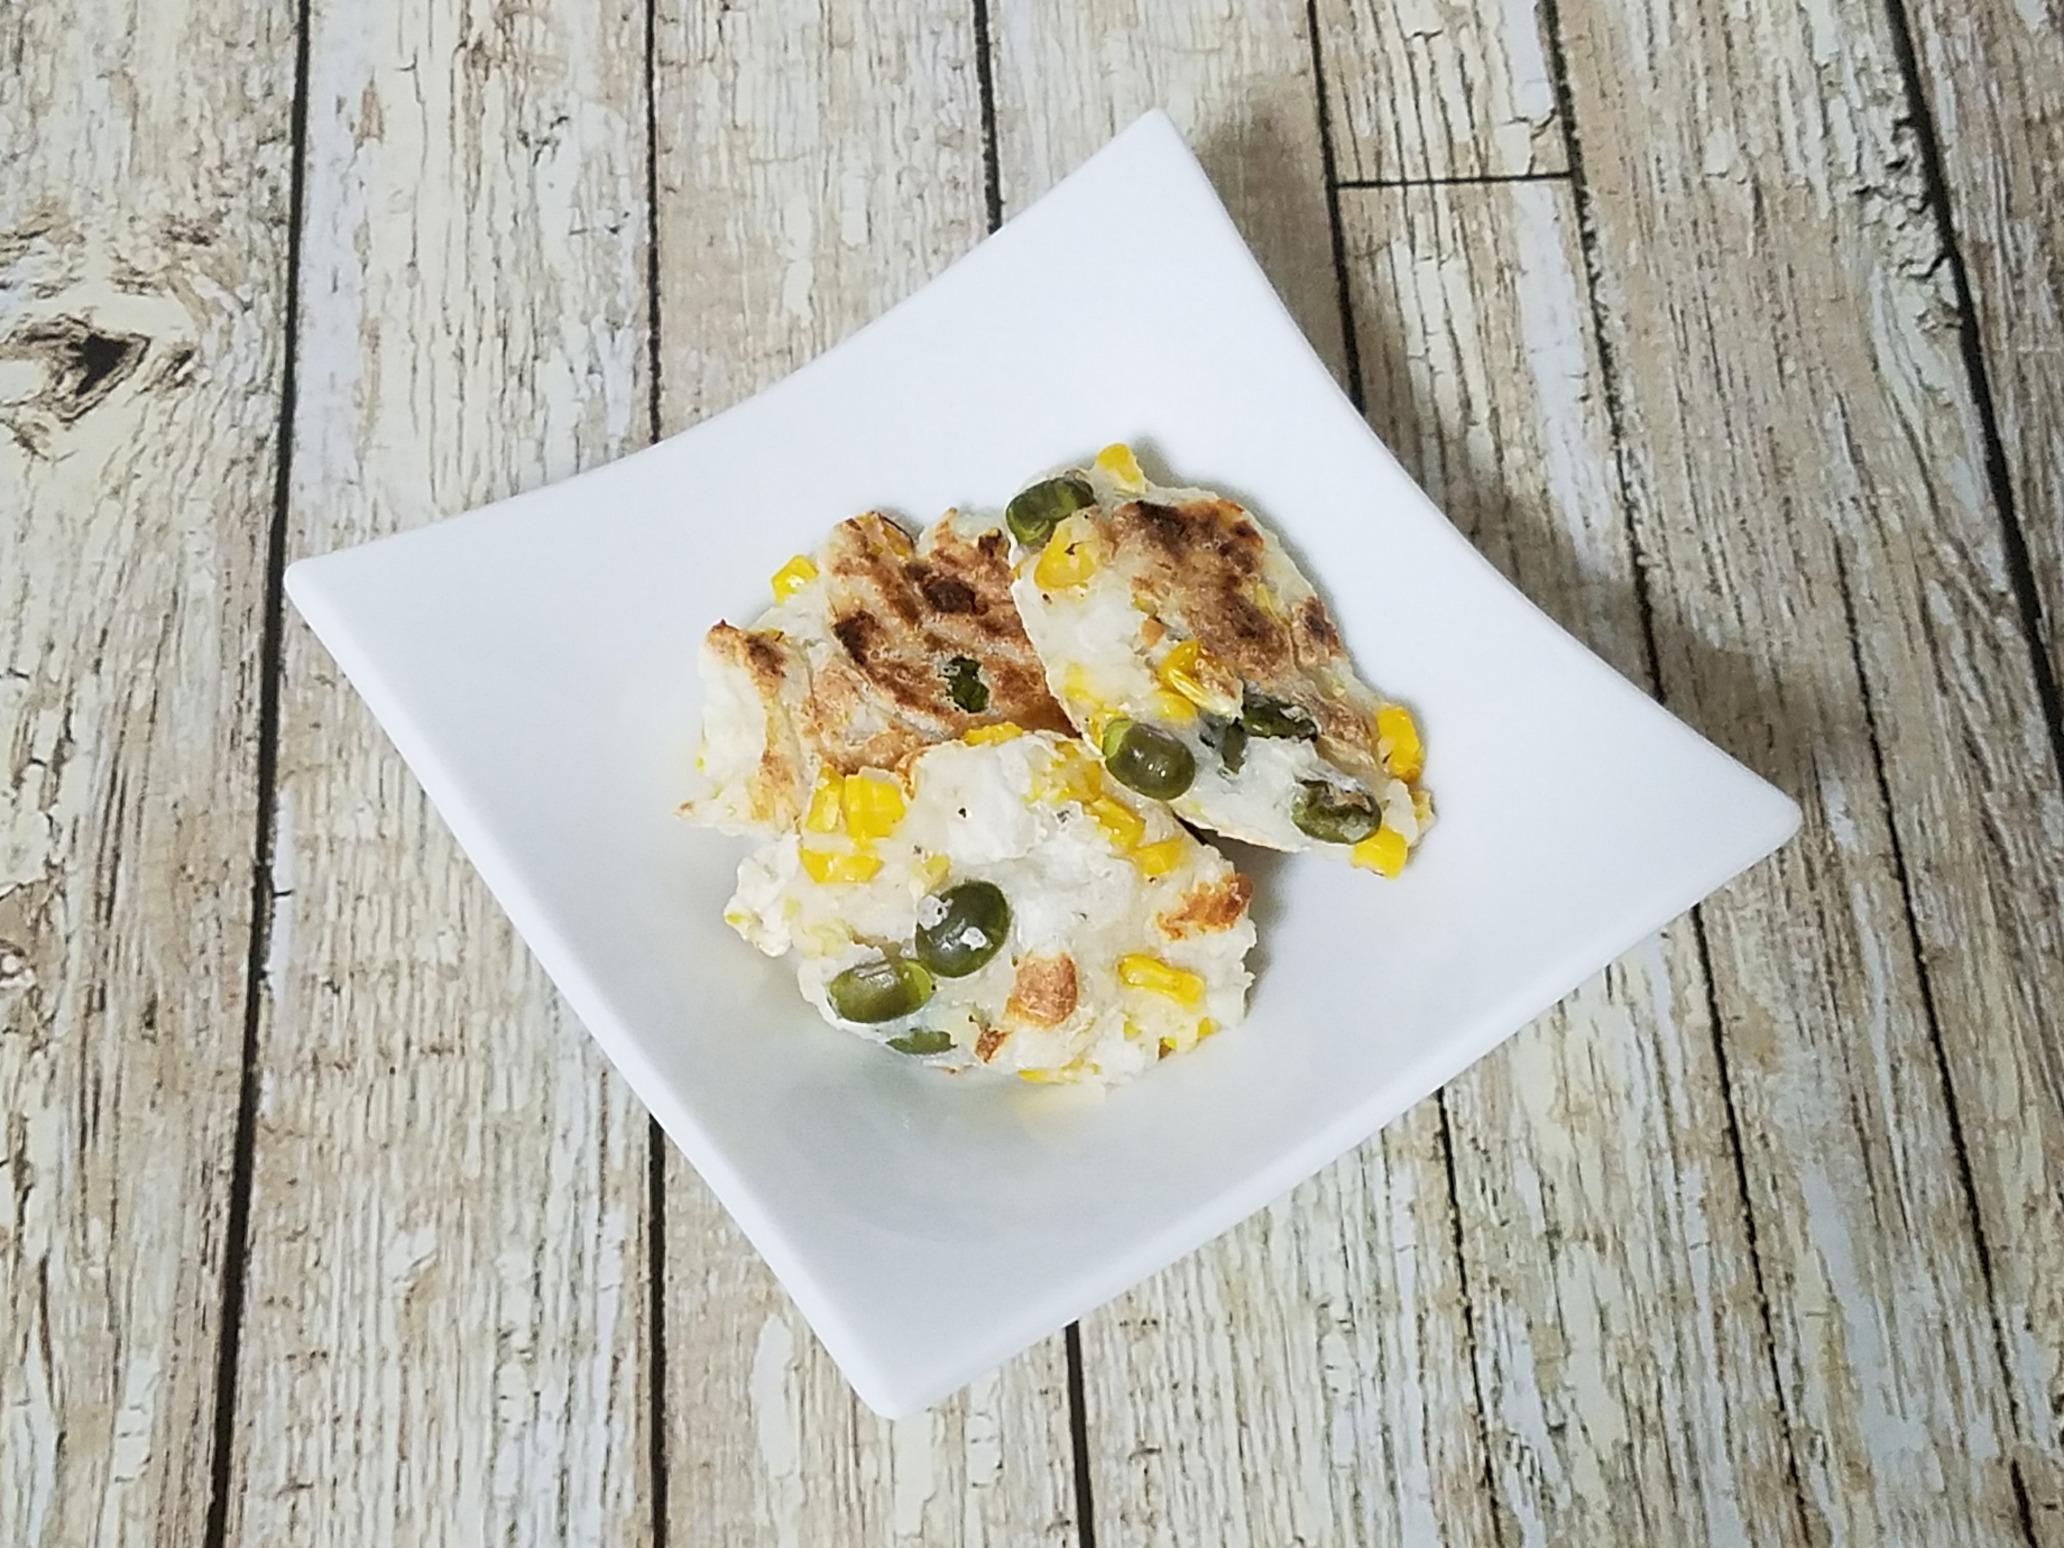 「大和芋のお好み焼き」第1回 アスリートフードマイスターレシピコンテスト 優秀賞(テーマ:補食)